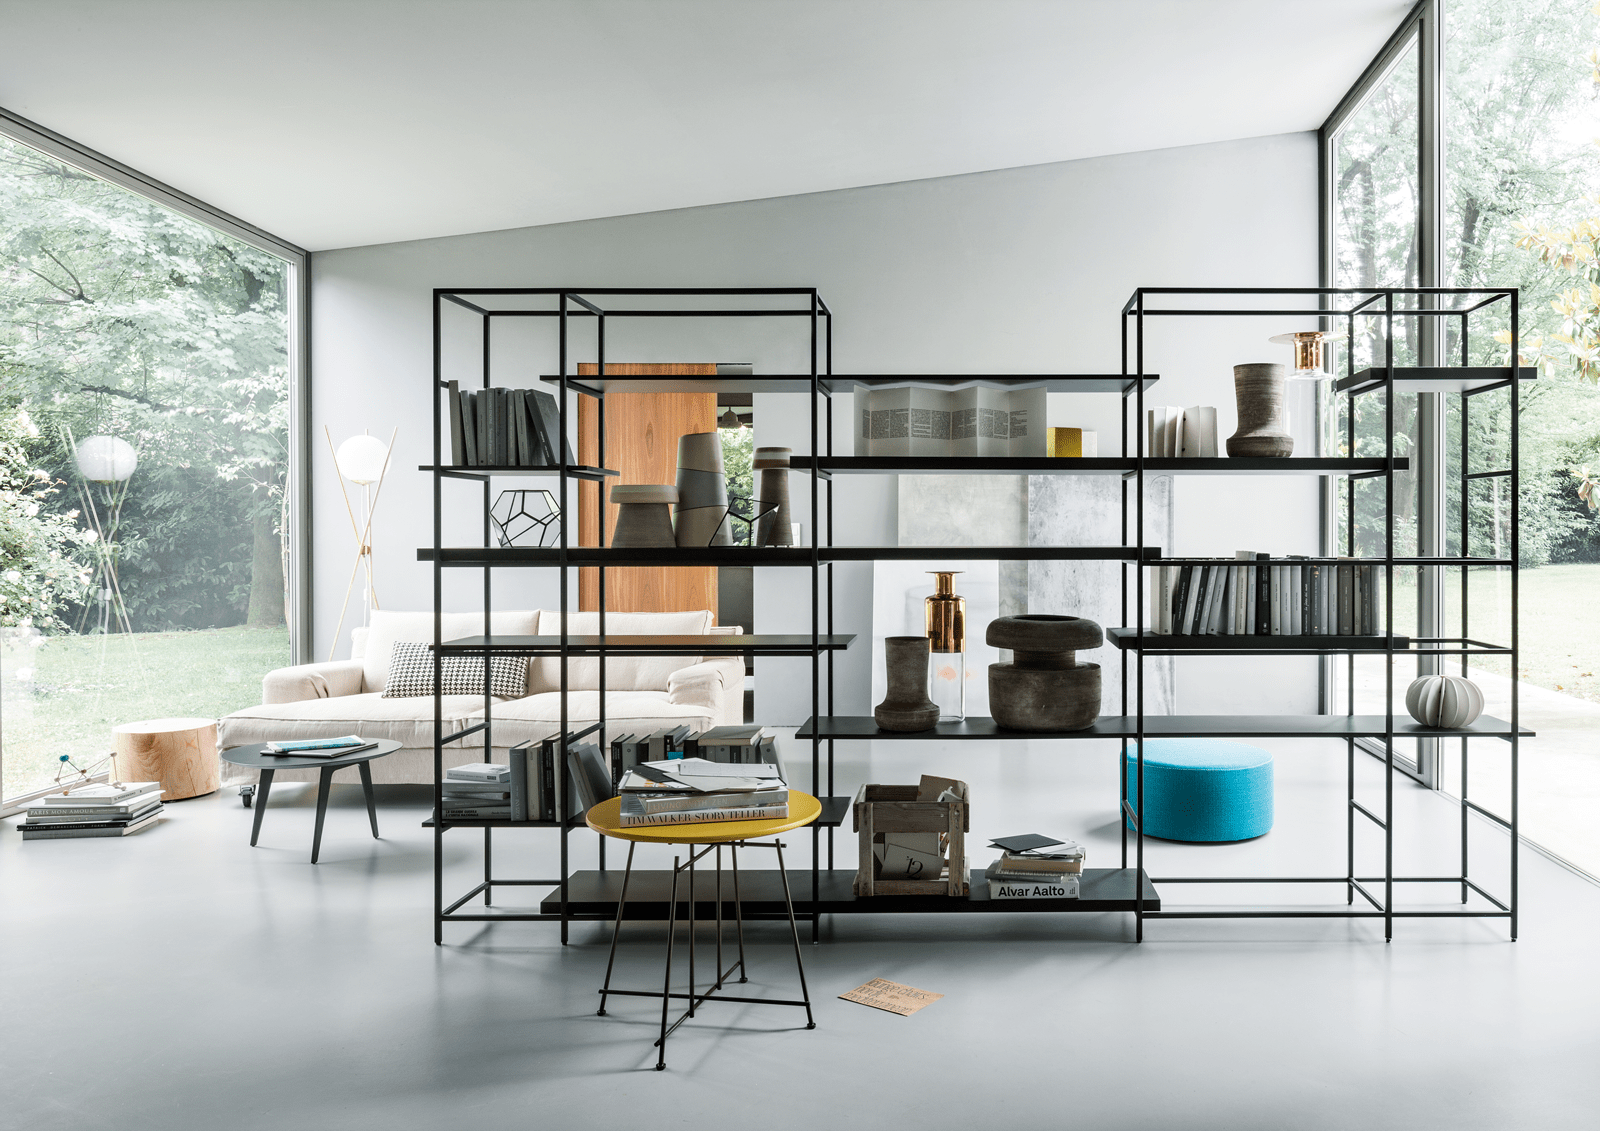 Dividere con i mobili 5 soluzioni lema cose di casa for Arredamento industriale ikea